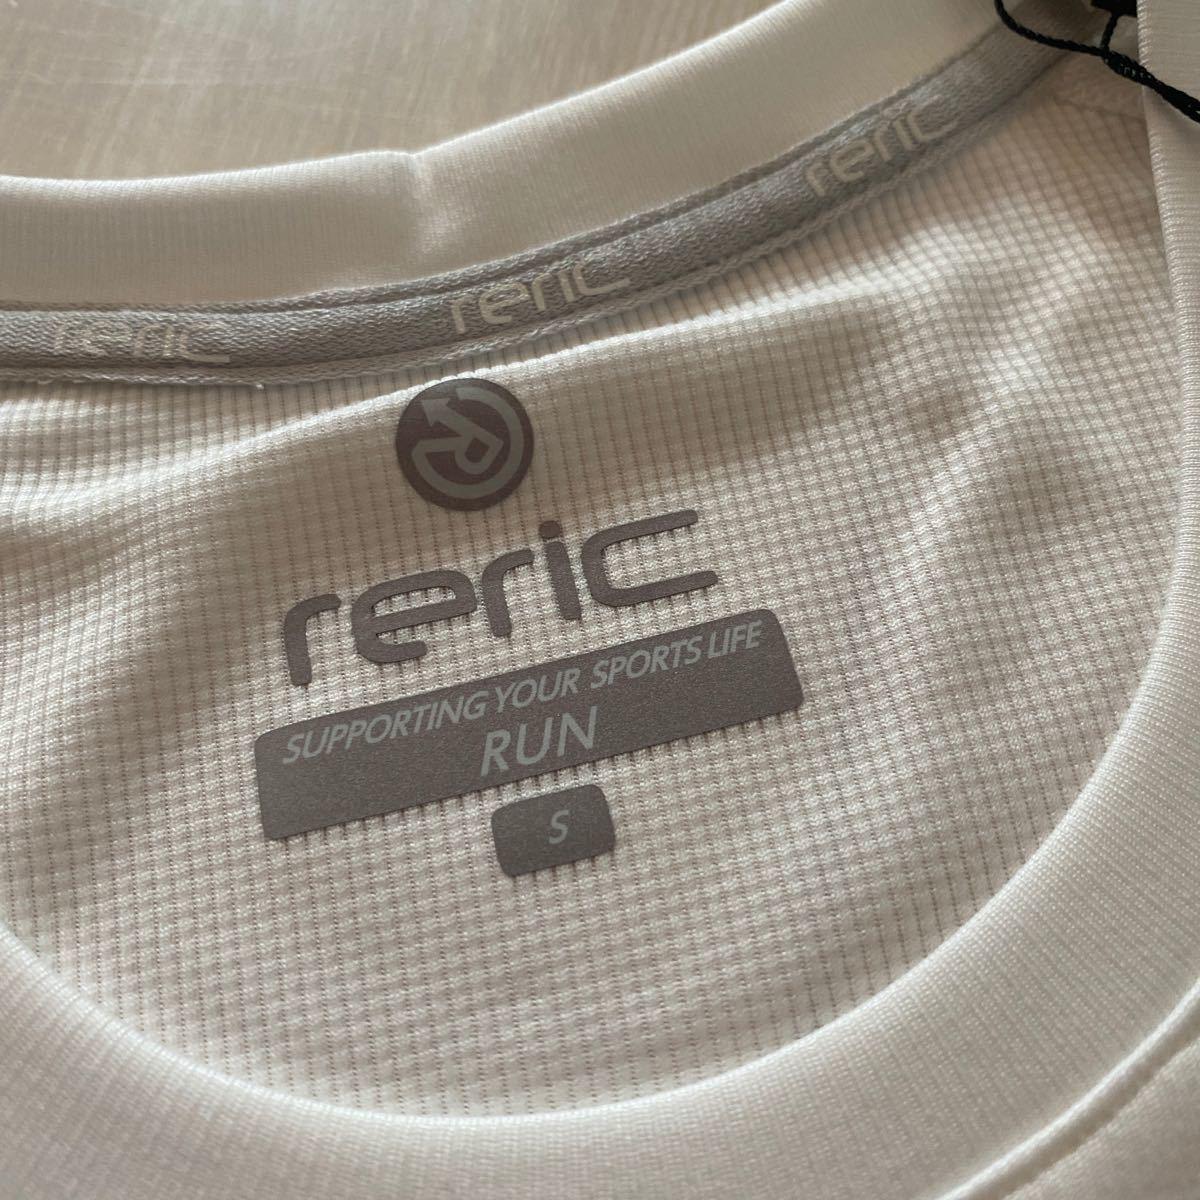 ランニングTシャツ 新品 レリック reric ランニング マラソン ジョギング